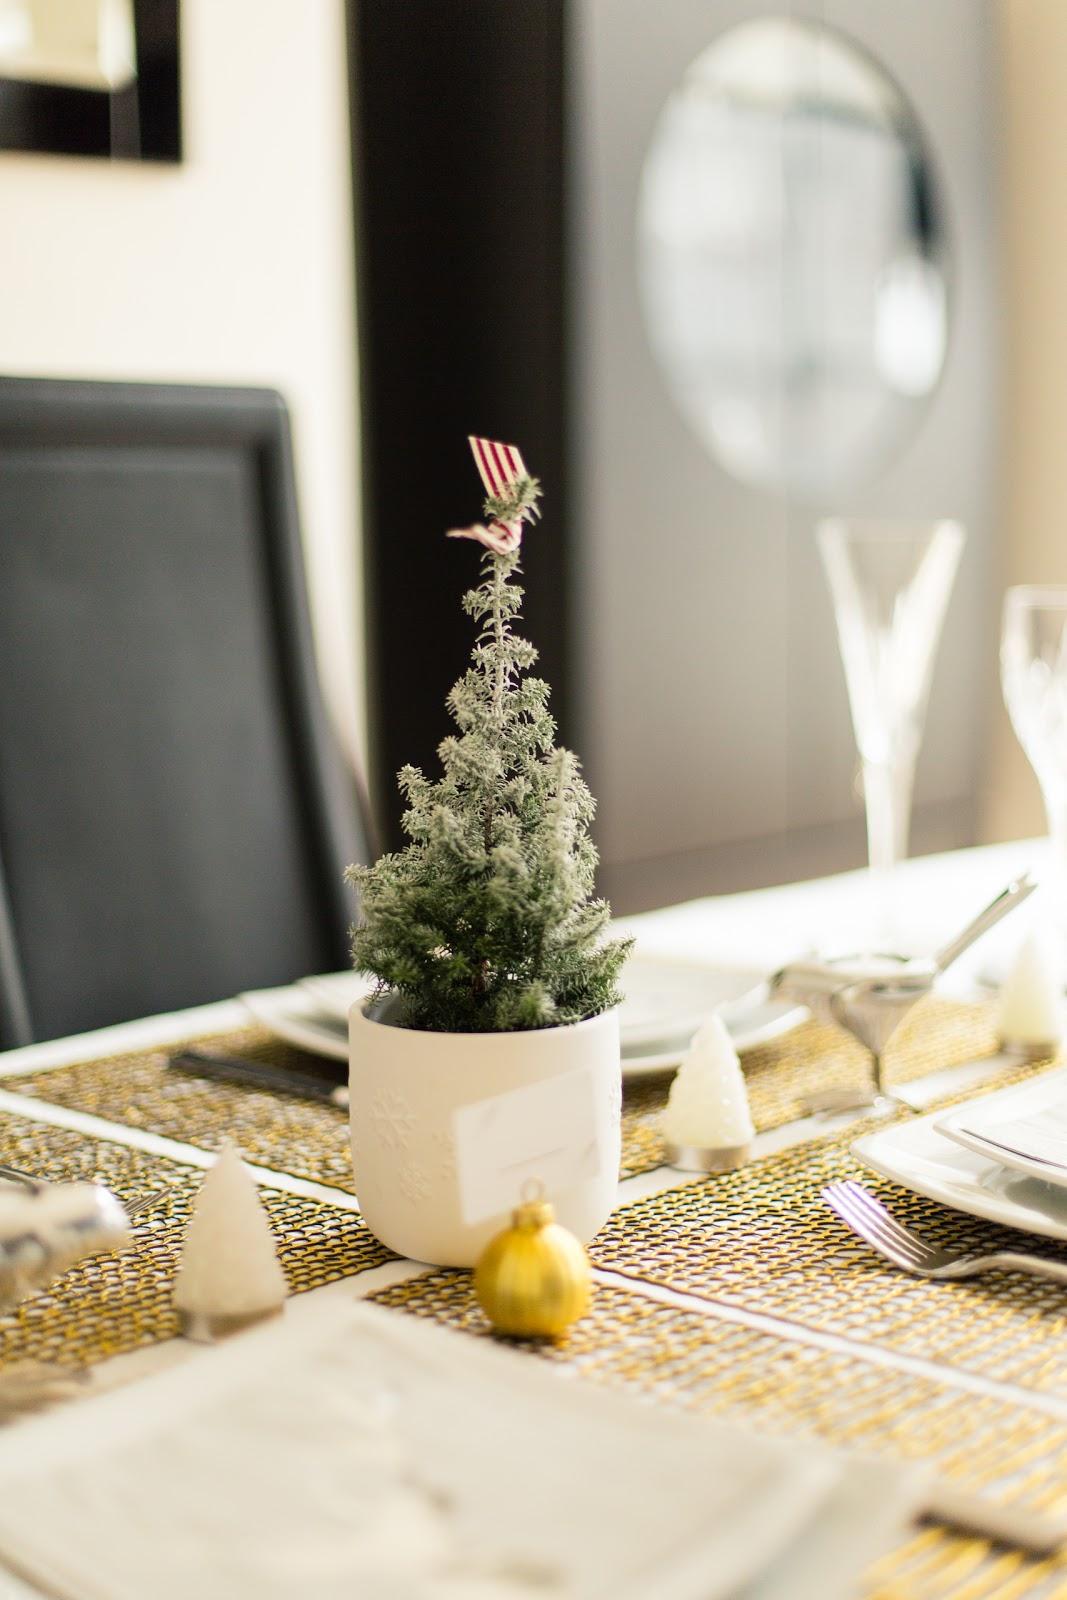 VINTAGE INSPIRED CHRISTMAS TABLE SETTING | FINNTERIOR DESIGNER on